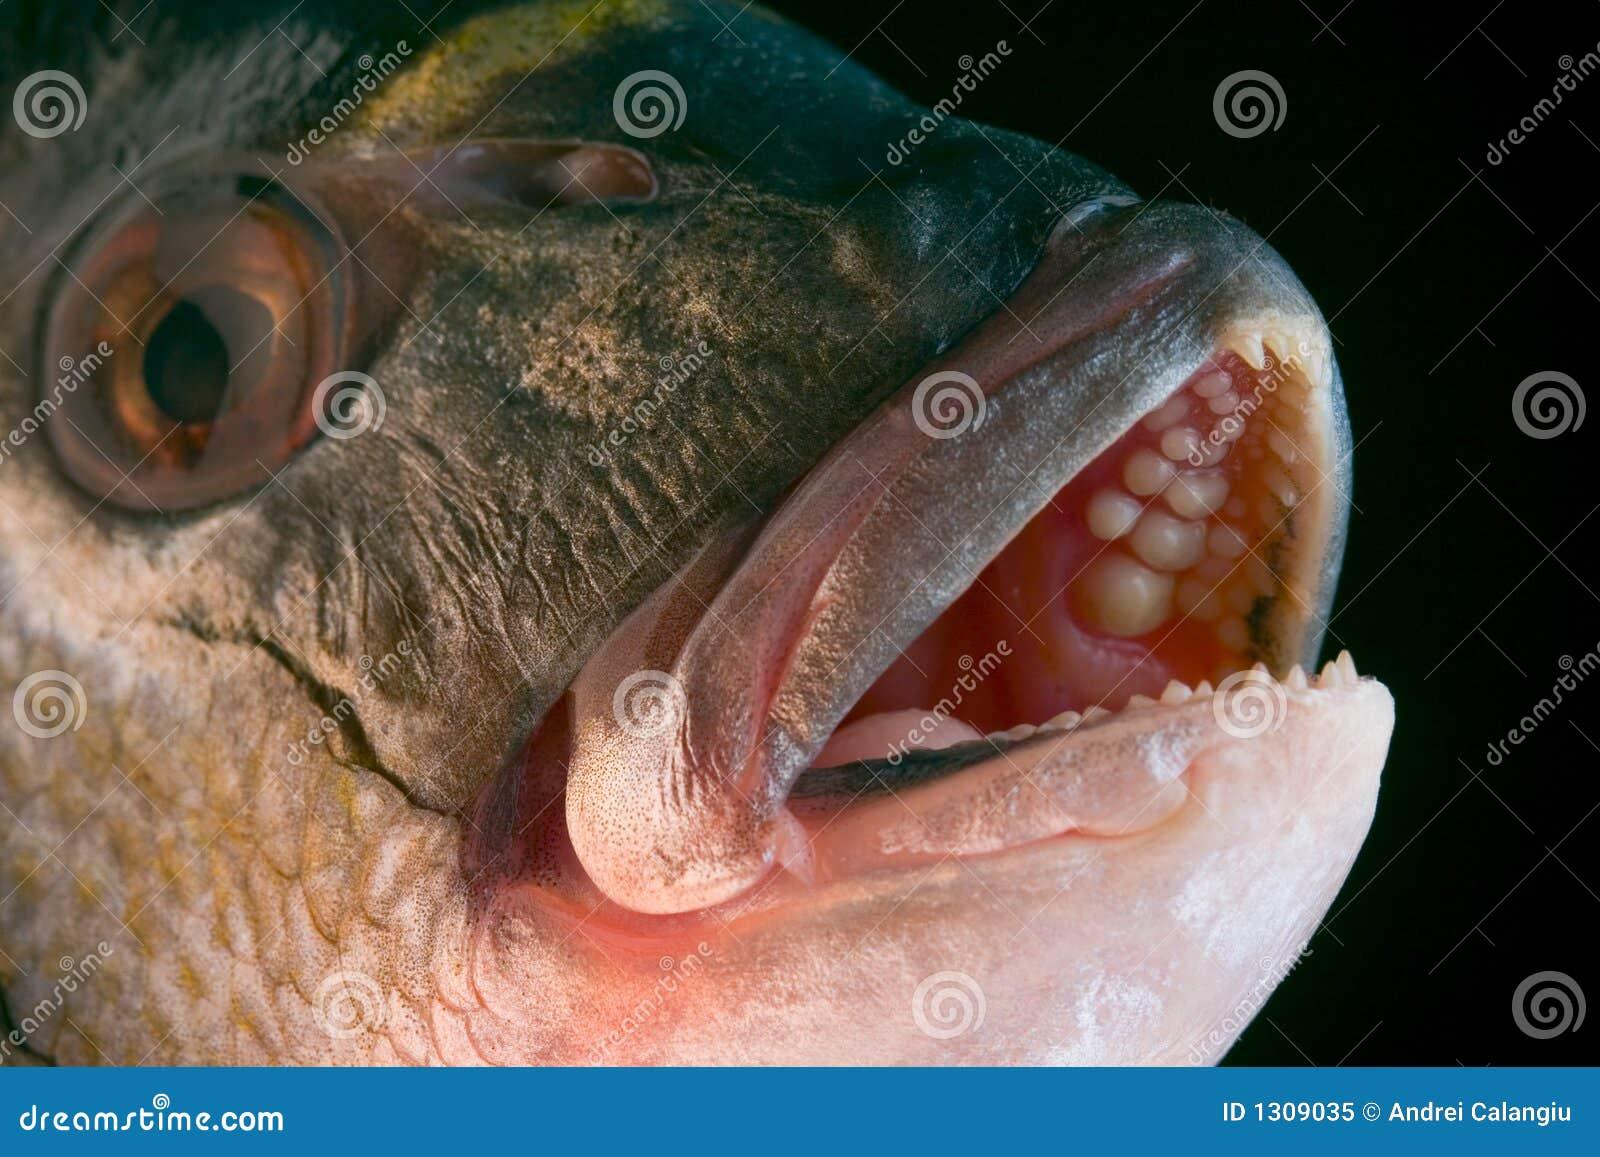 Dorada fish head royalty free stock photo image 1309035 for Fish head app